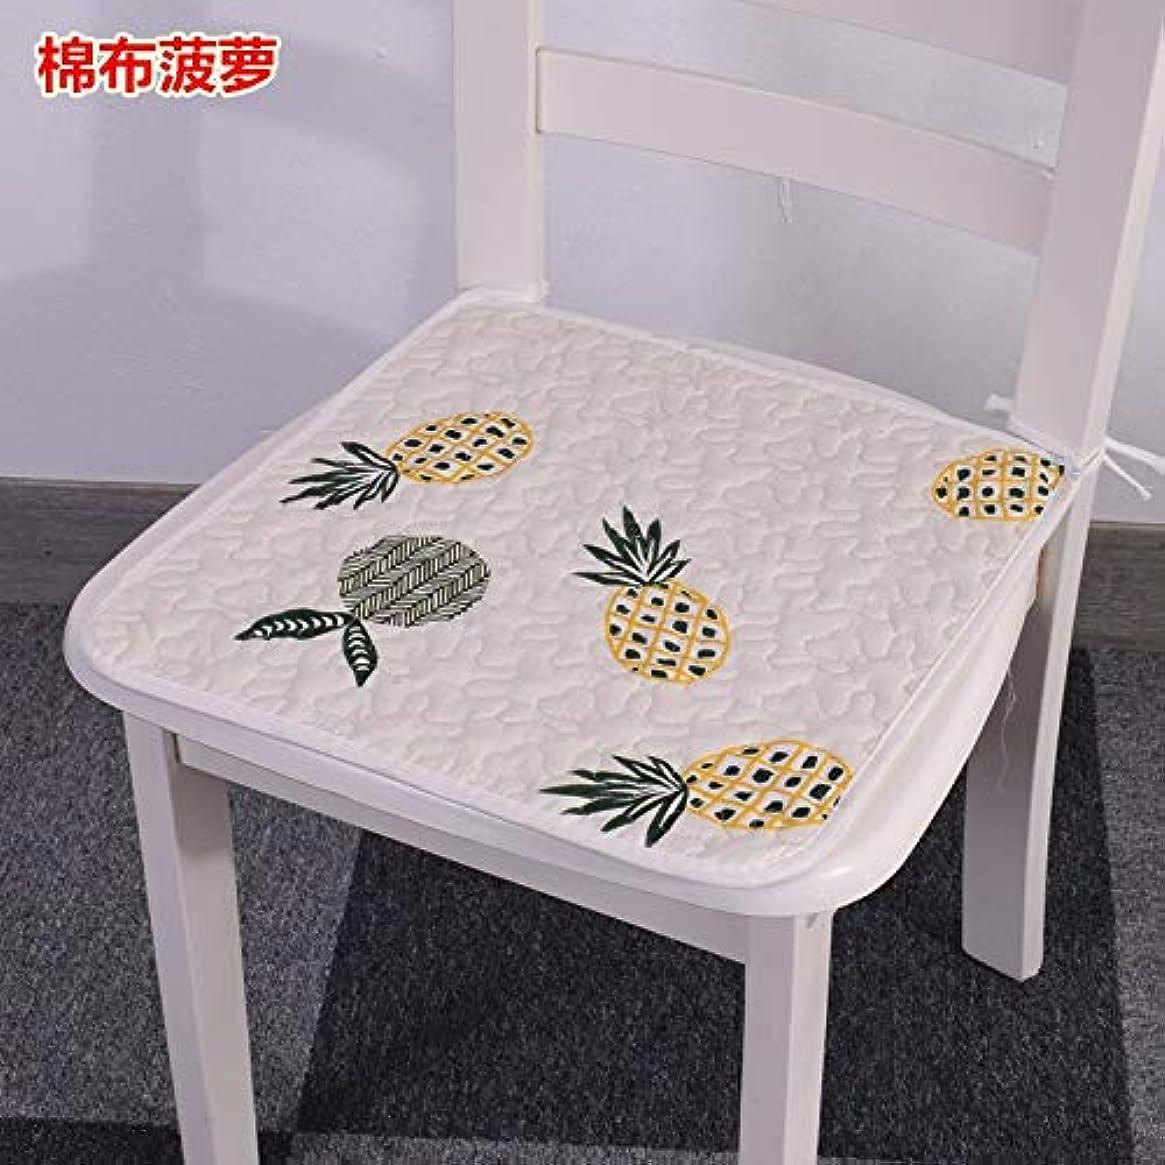 矢コインしわLIFE 現代スーパーソフト椅子クッション非スリップシートクッションマットソファホームデコレーションバッククッションチェアパッド 40*40/45*45/50*50 センチメートル クッション 椅子